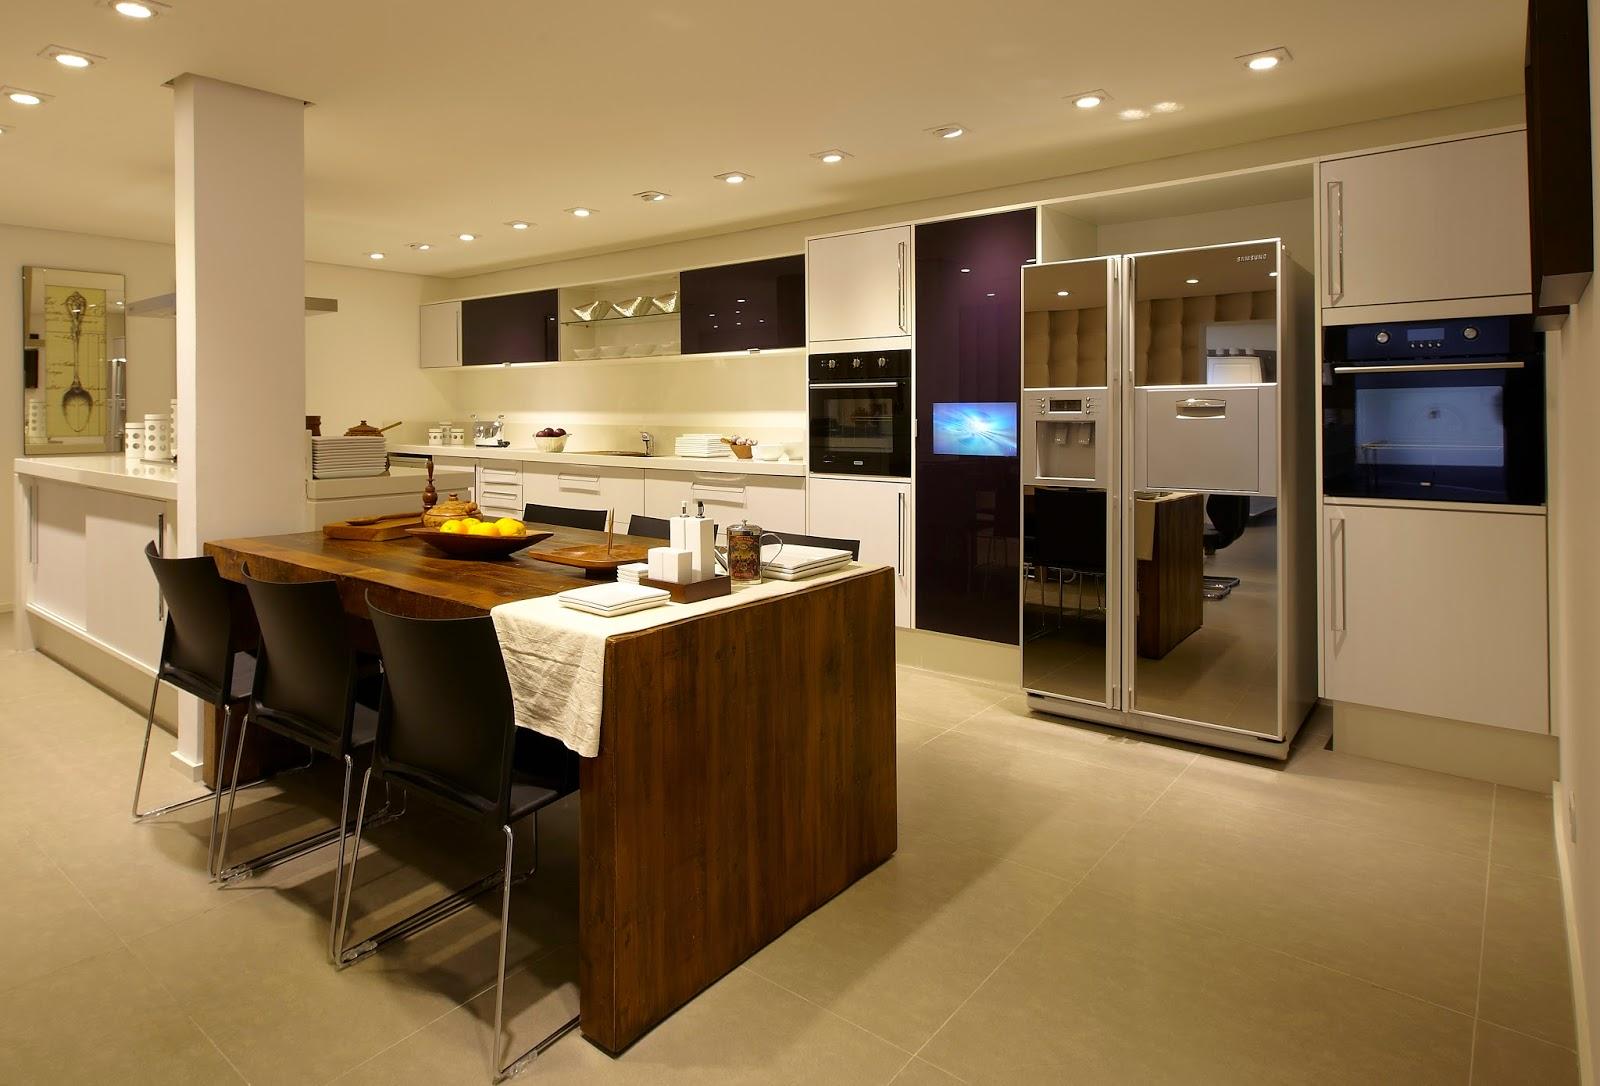 proposta também pode ser aderida nos armários da cozinha olha só #2C1B0A 1600 1086